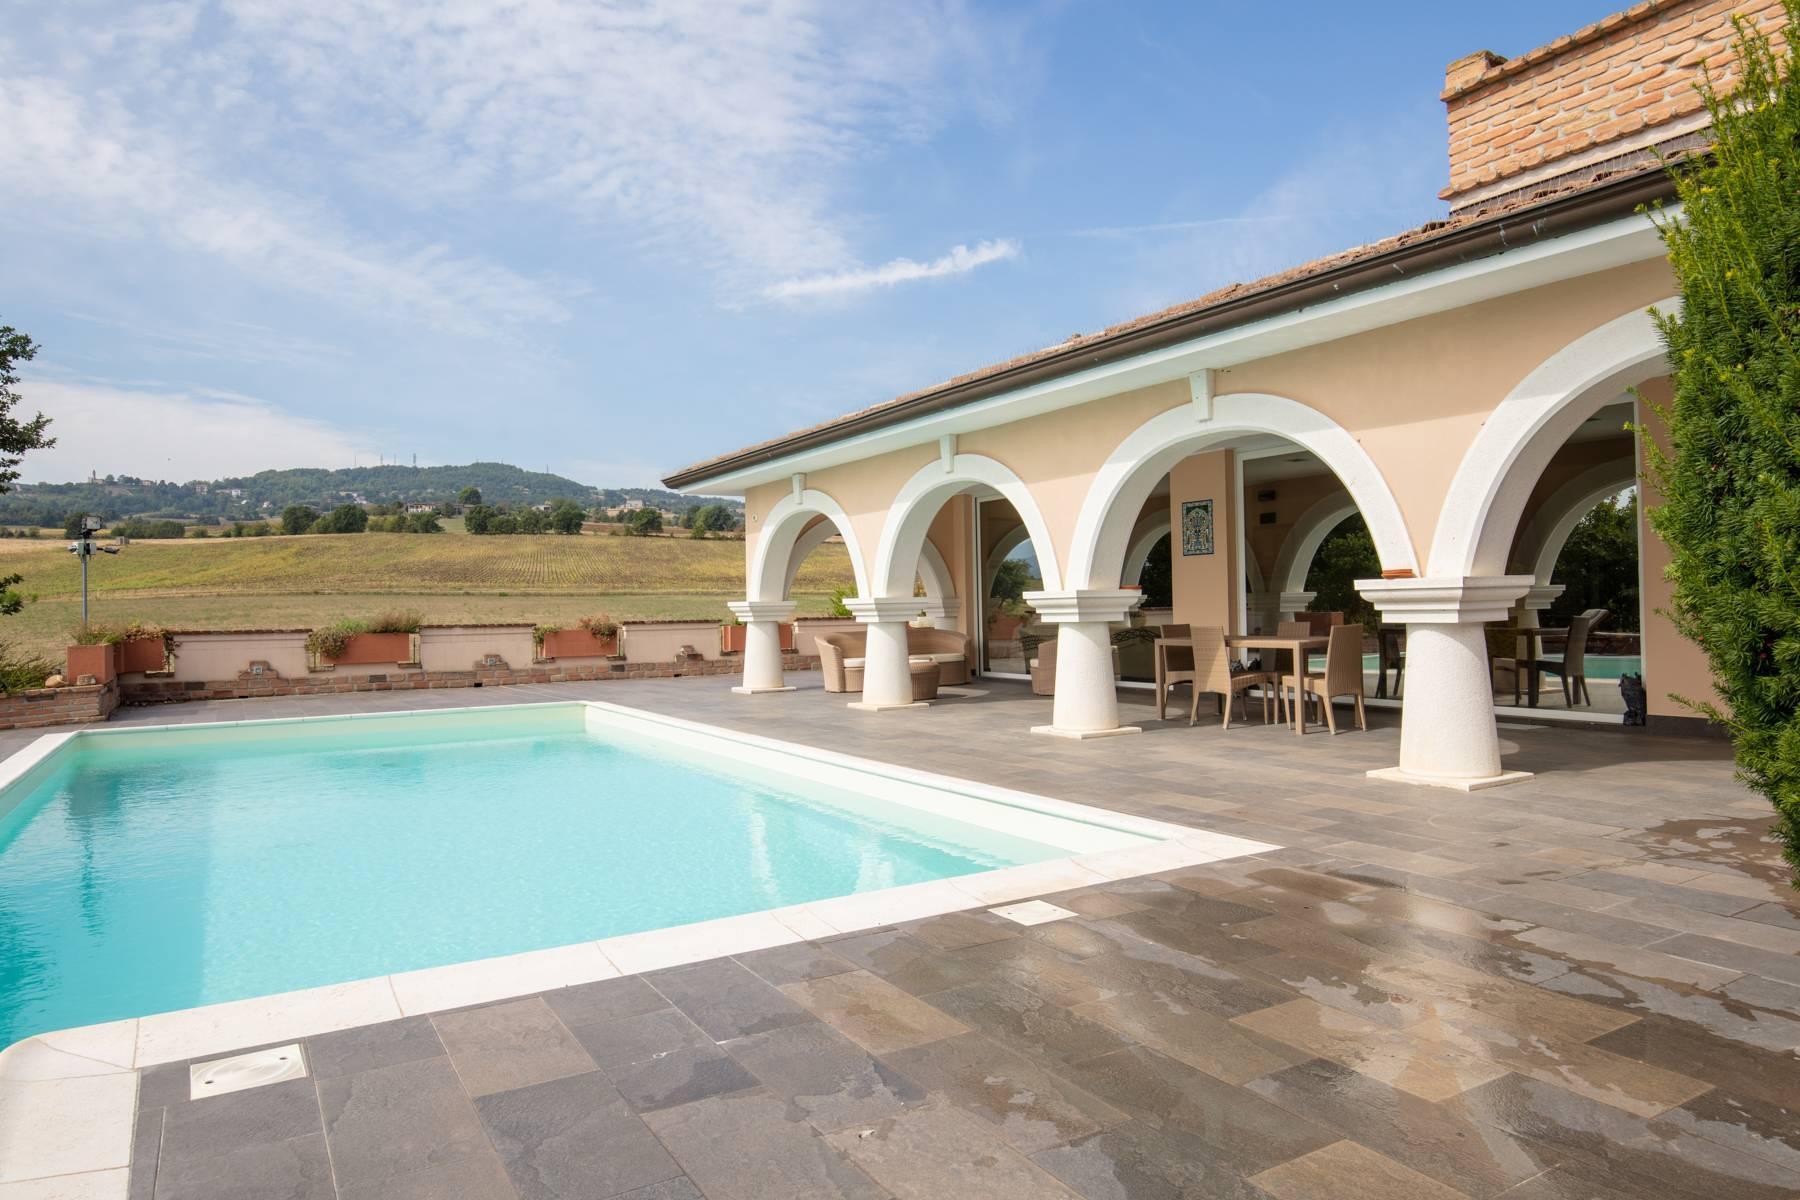 Villa con piscina nelle colline piacentine - 48